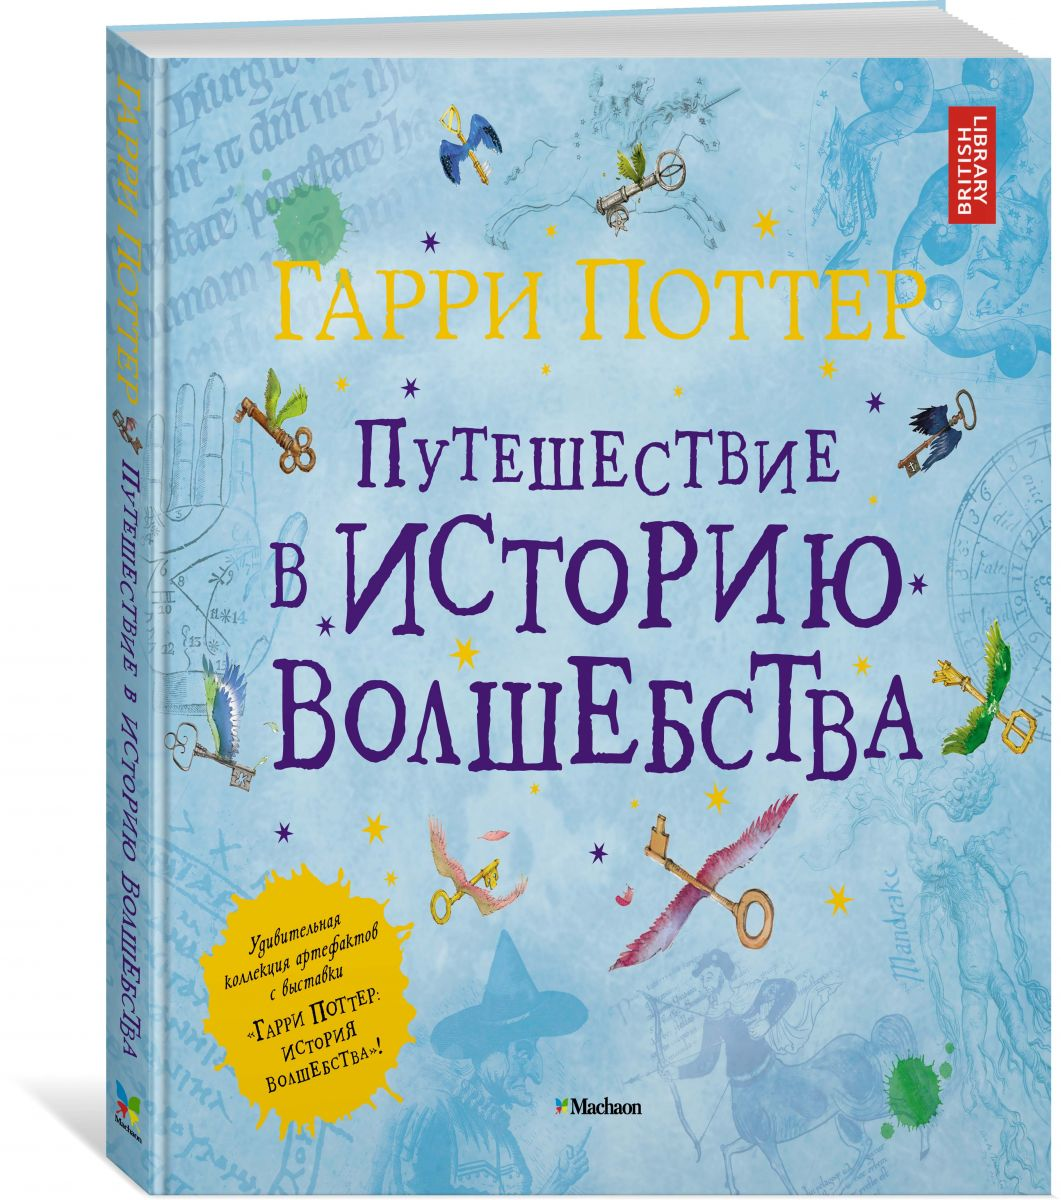 Книга на русском языке «Гарри Поттер. Путешествие в историю волшебства»